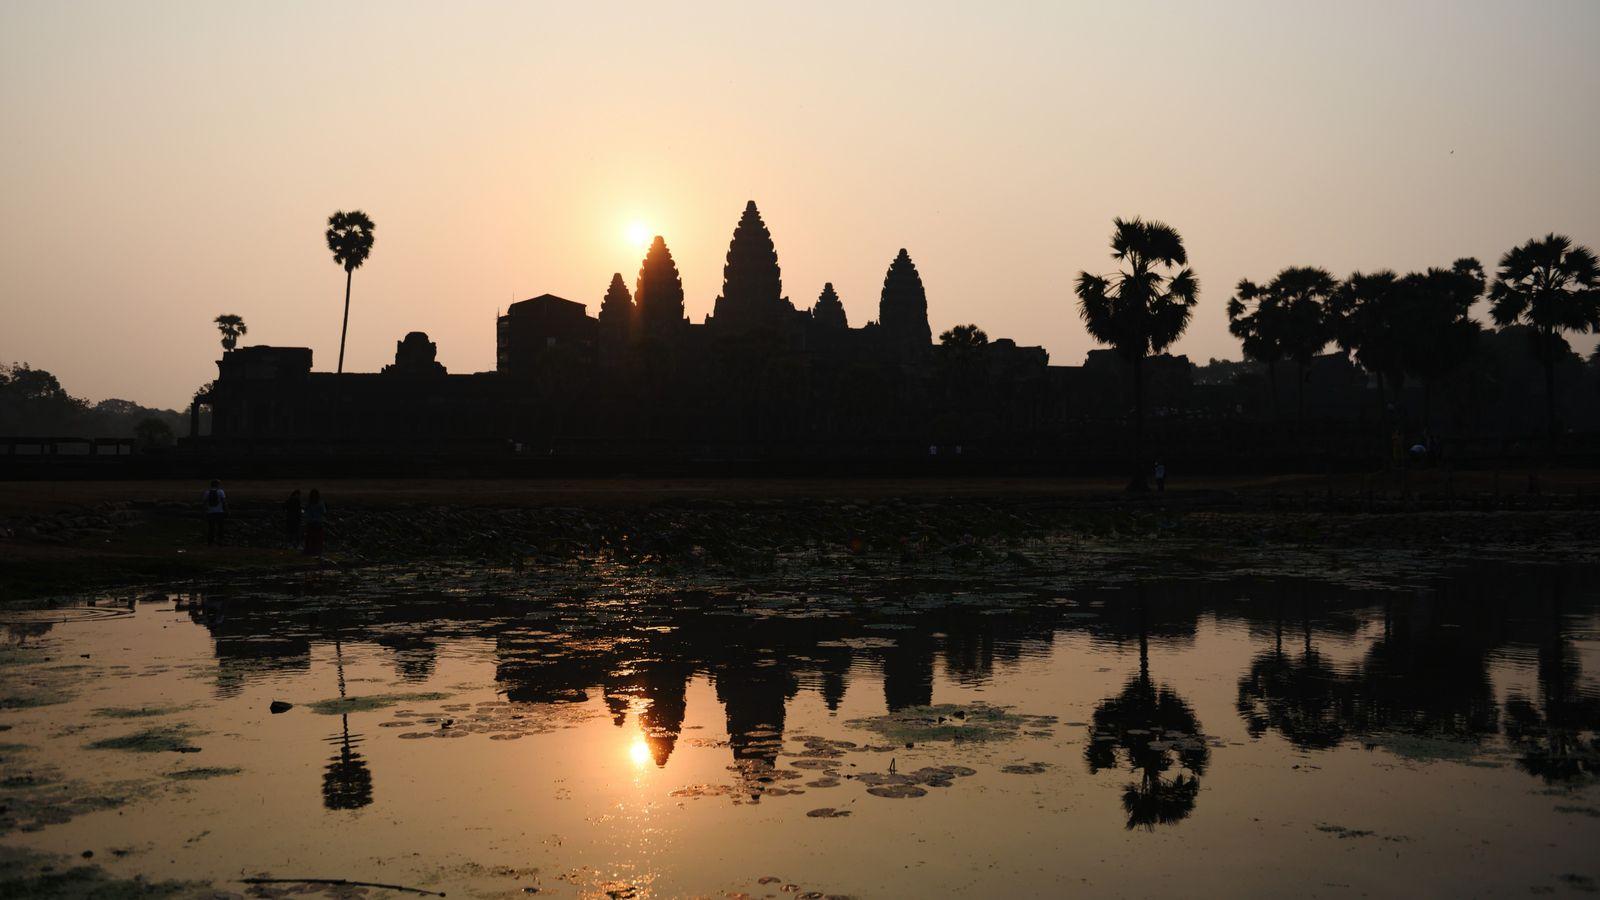 Pour être aux premières loges du lever de soleil sur les cinq tours du temple d'Angkor ...